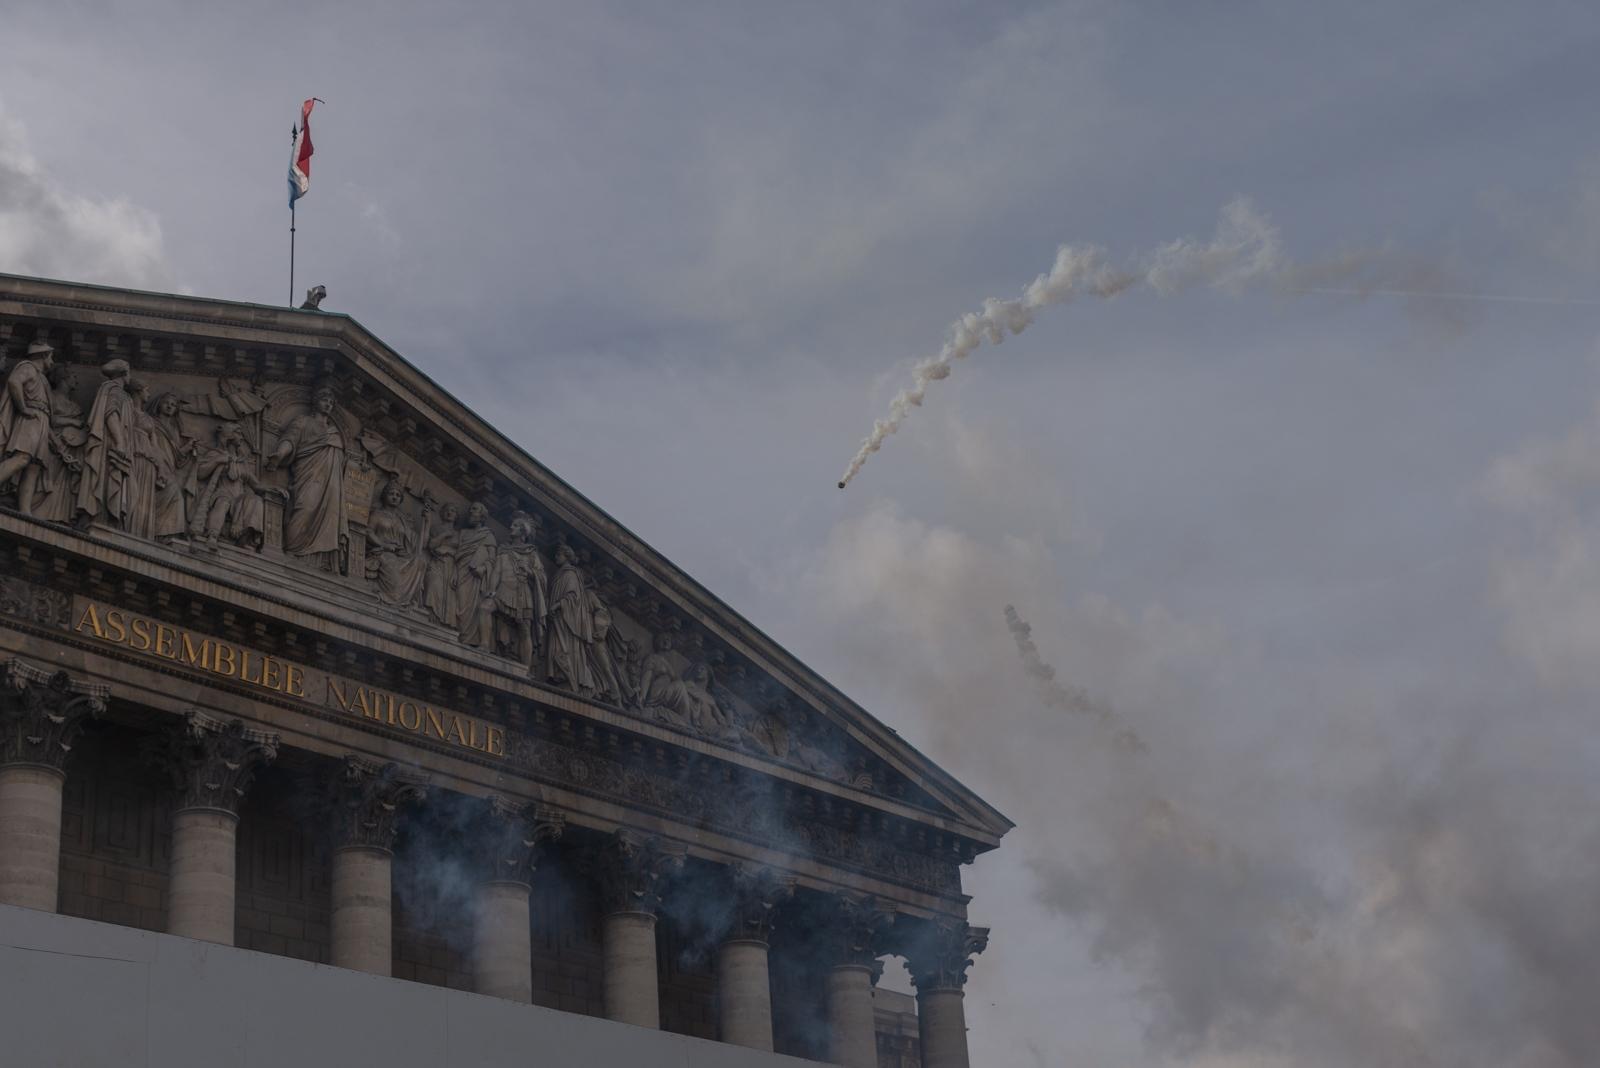 Les bâtiments symboles du pouvoir sur le parcours des manifestations ont parfois été le lieu d'affrontements entre la police et des manifestants. Paris - Acte XIII - Assemblée Nationale le 9 février 2019